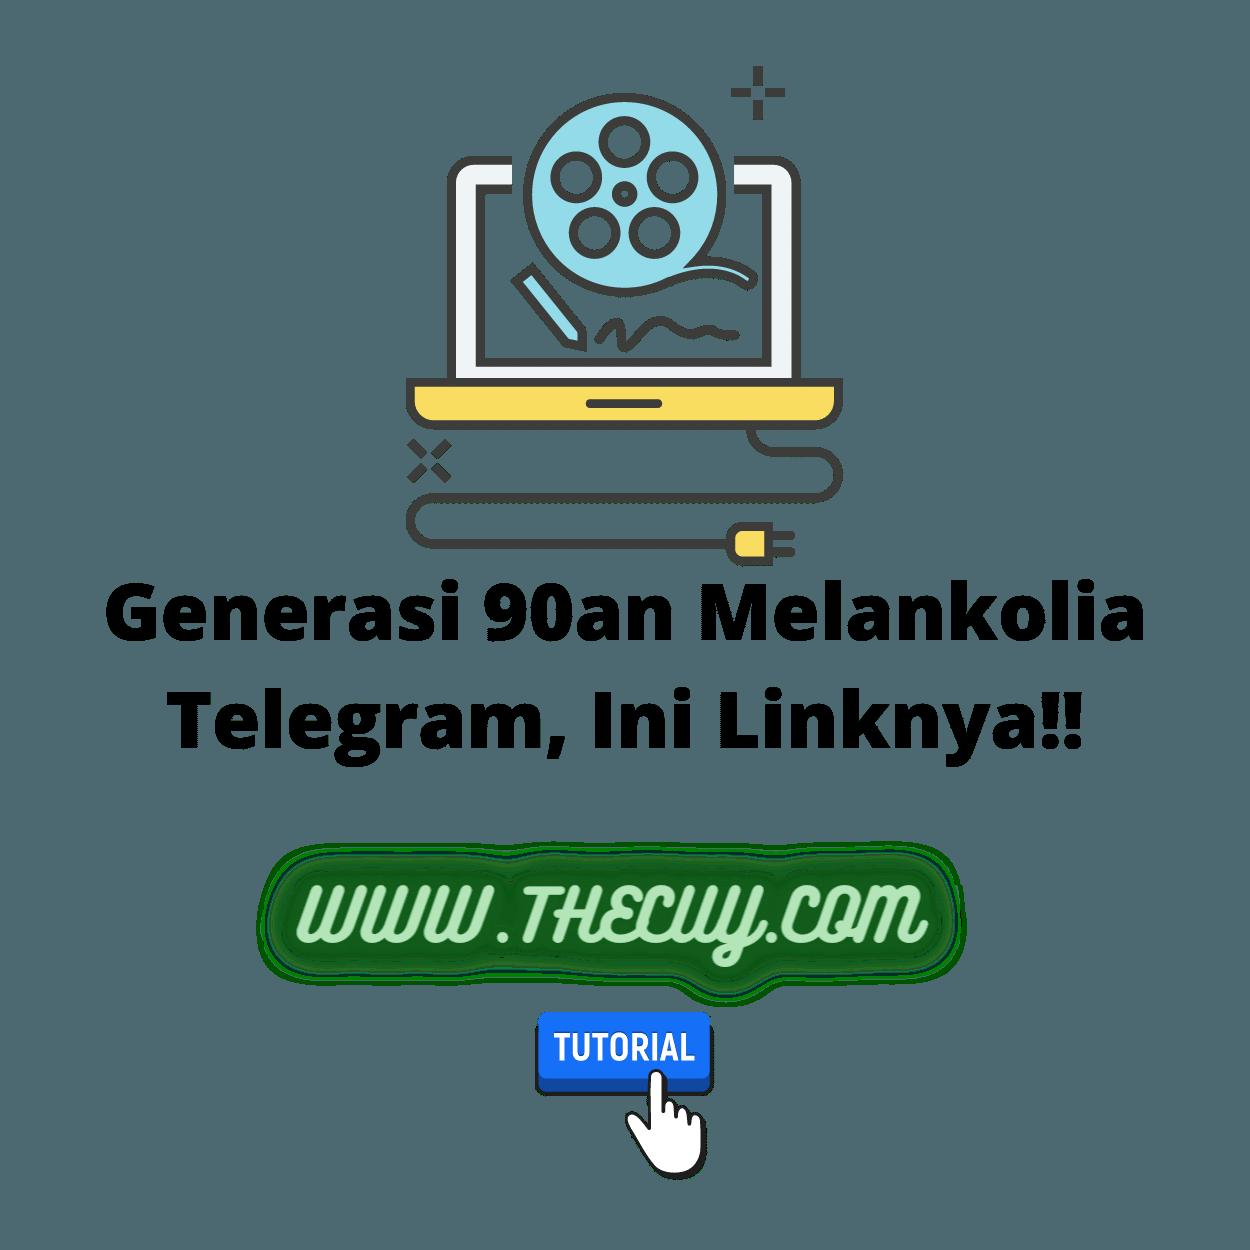 Generasi 90an Melankolia Telegram, Ini Linknya!!